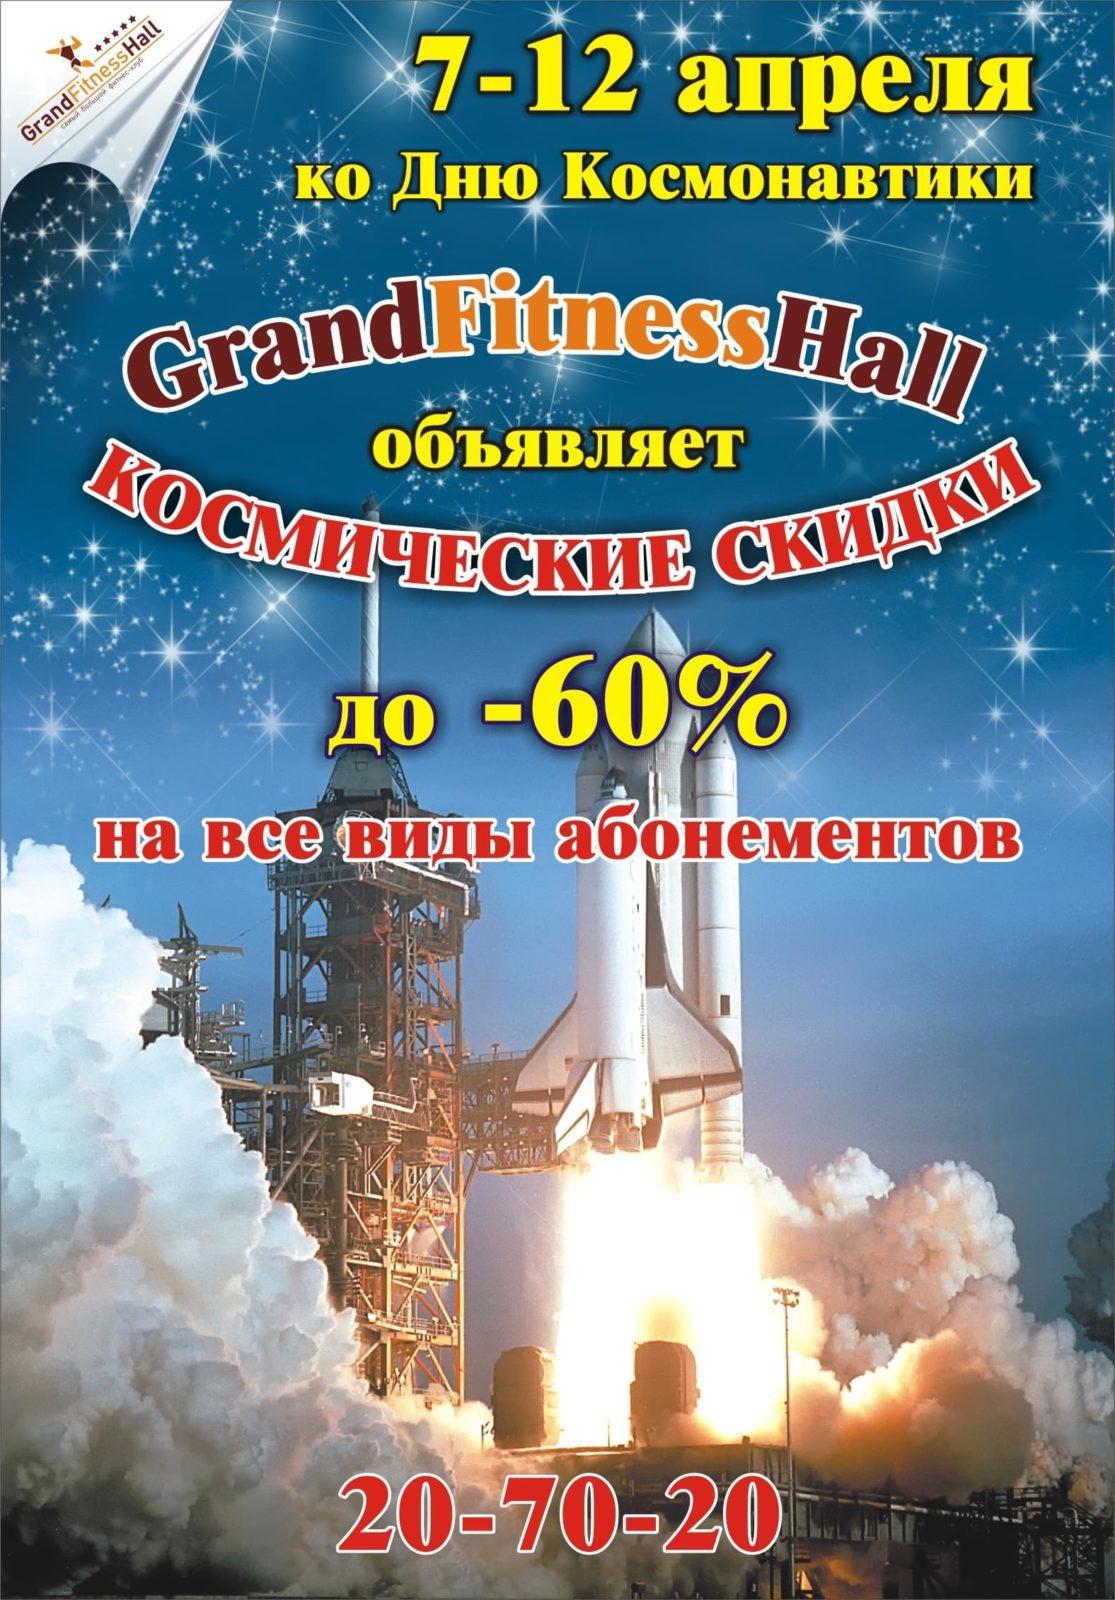 А4_2 шт космос от 31 марта 2015